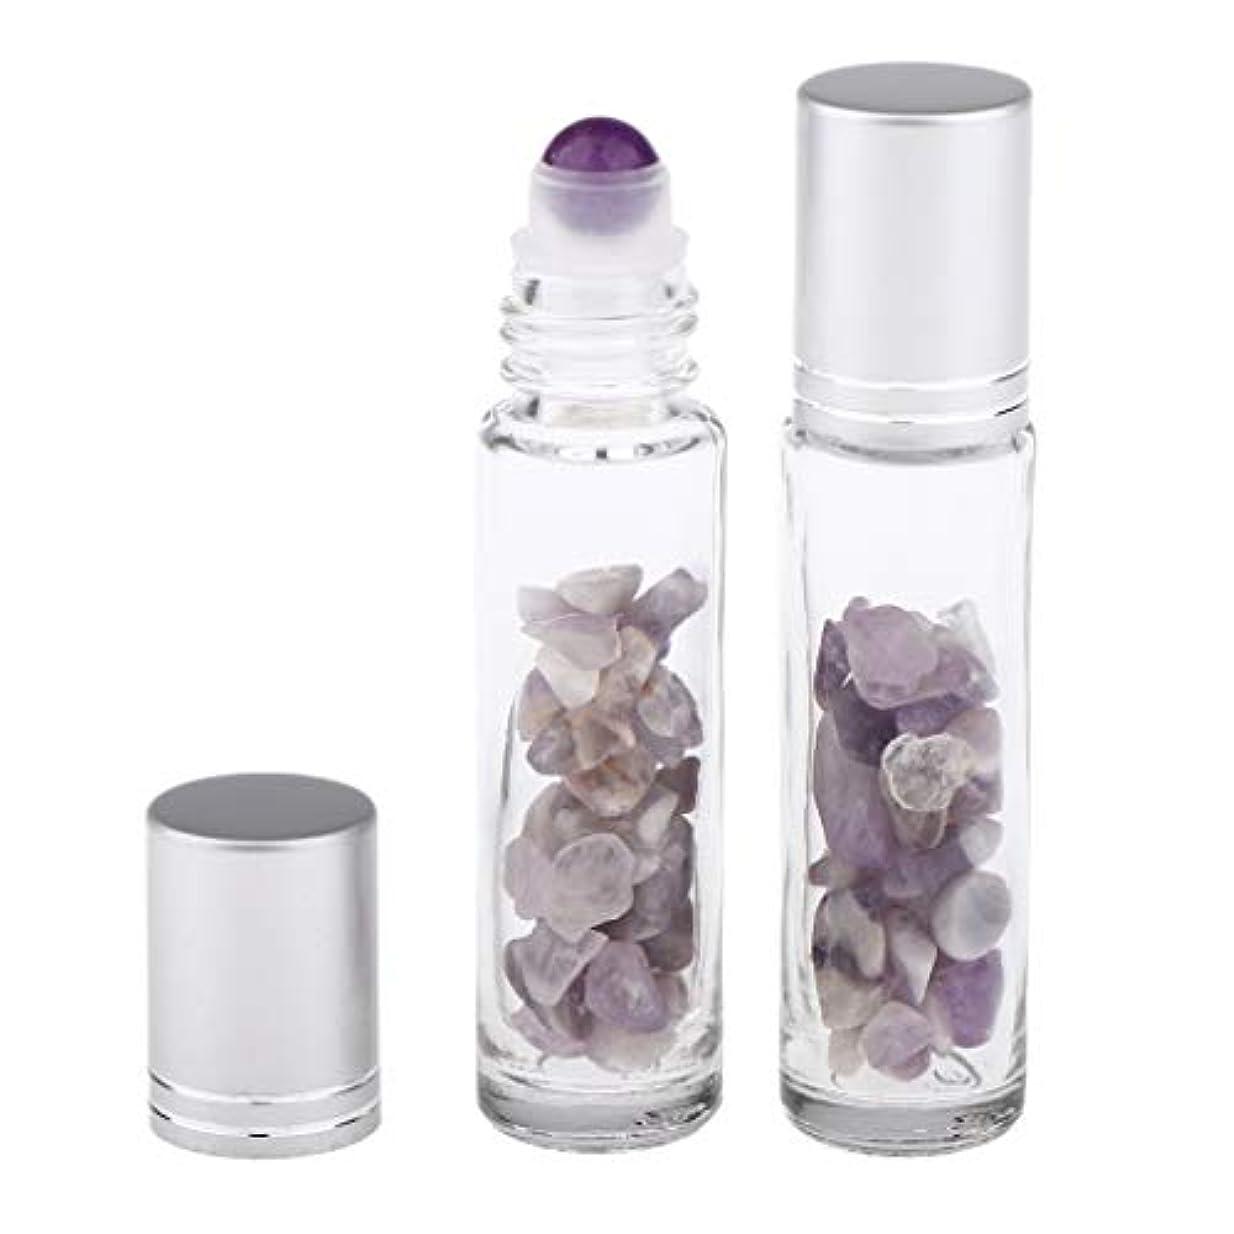 夫婦誰の完璧な10ml ガラスボトル 香水ボトル 精油瓶 アトマイザー 詰替え ロールオンボトル 天然石 2個 - アメジスト